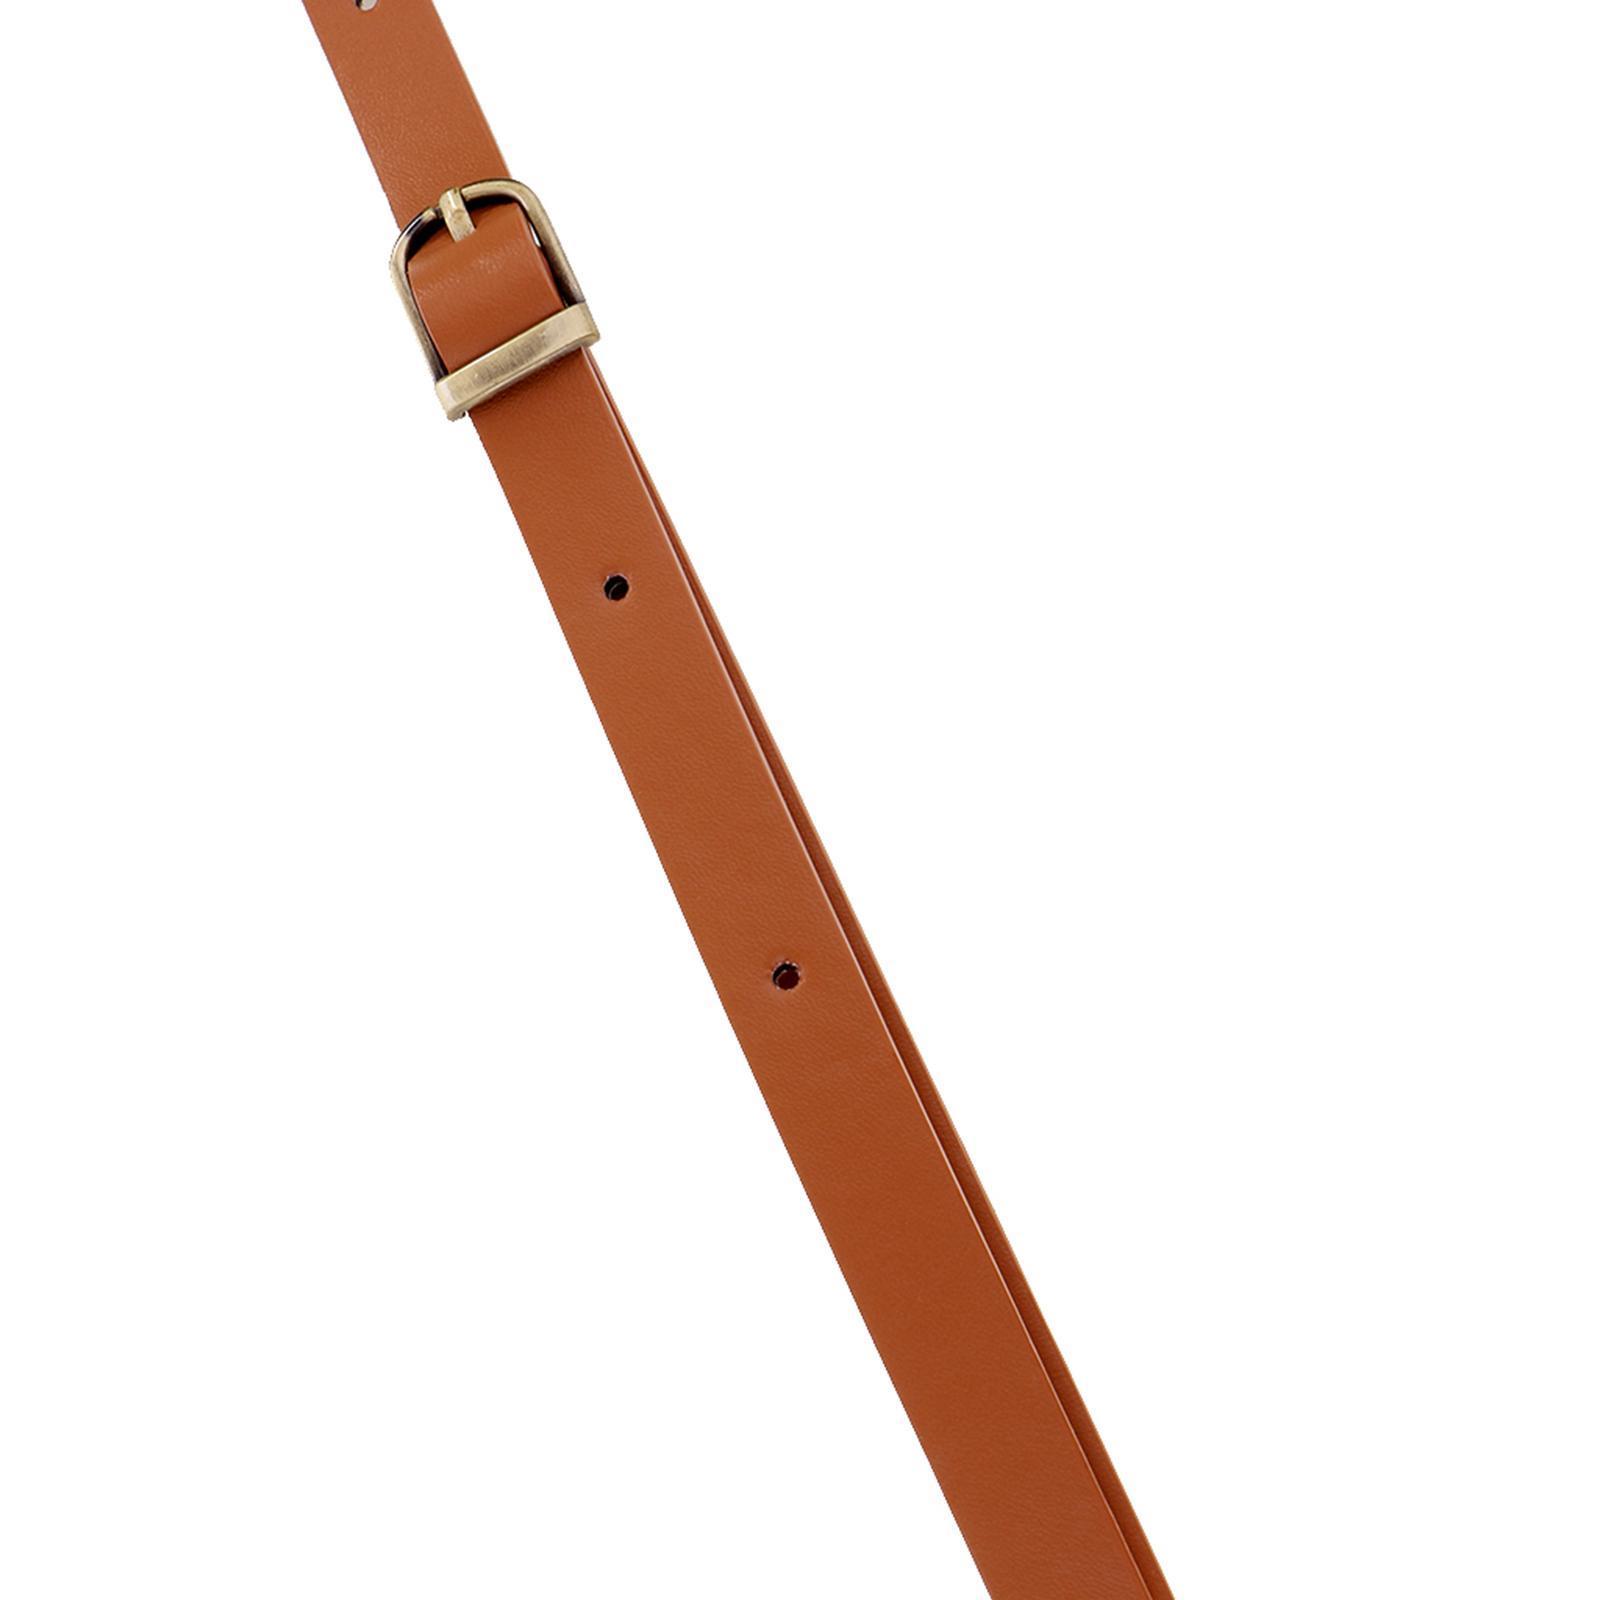 Leather-Shoulder-Messenger-Bag-Strap-DIY-Purse-Making-Handbag-Belt-Handle thumbnail 16